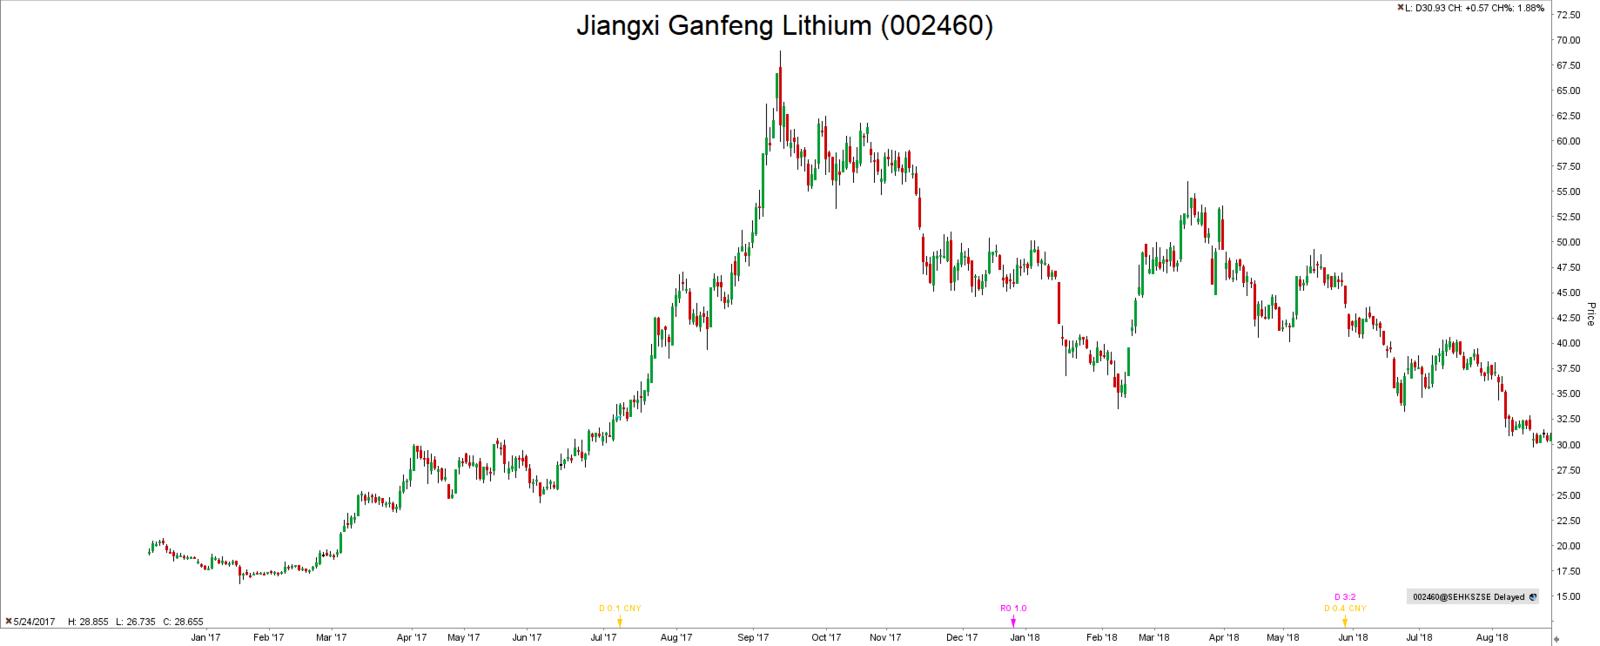 Inwestycje w lit Jiangxi Gangfeng Lithium